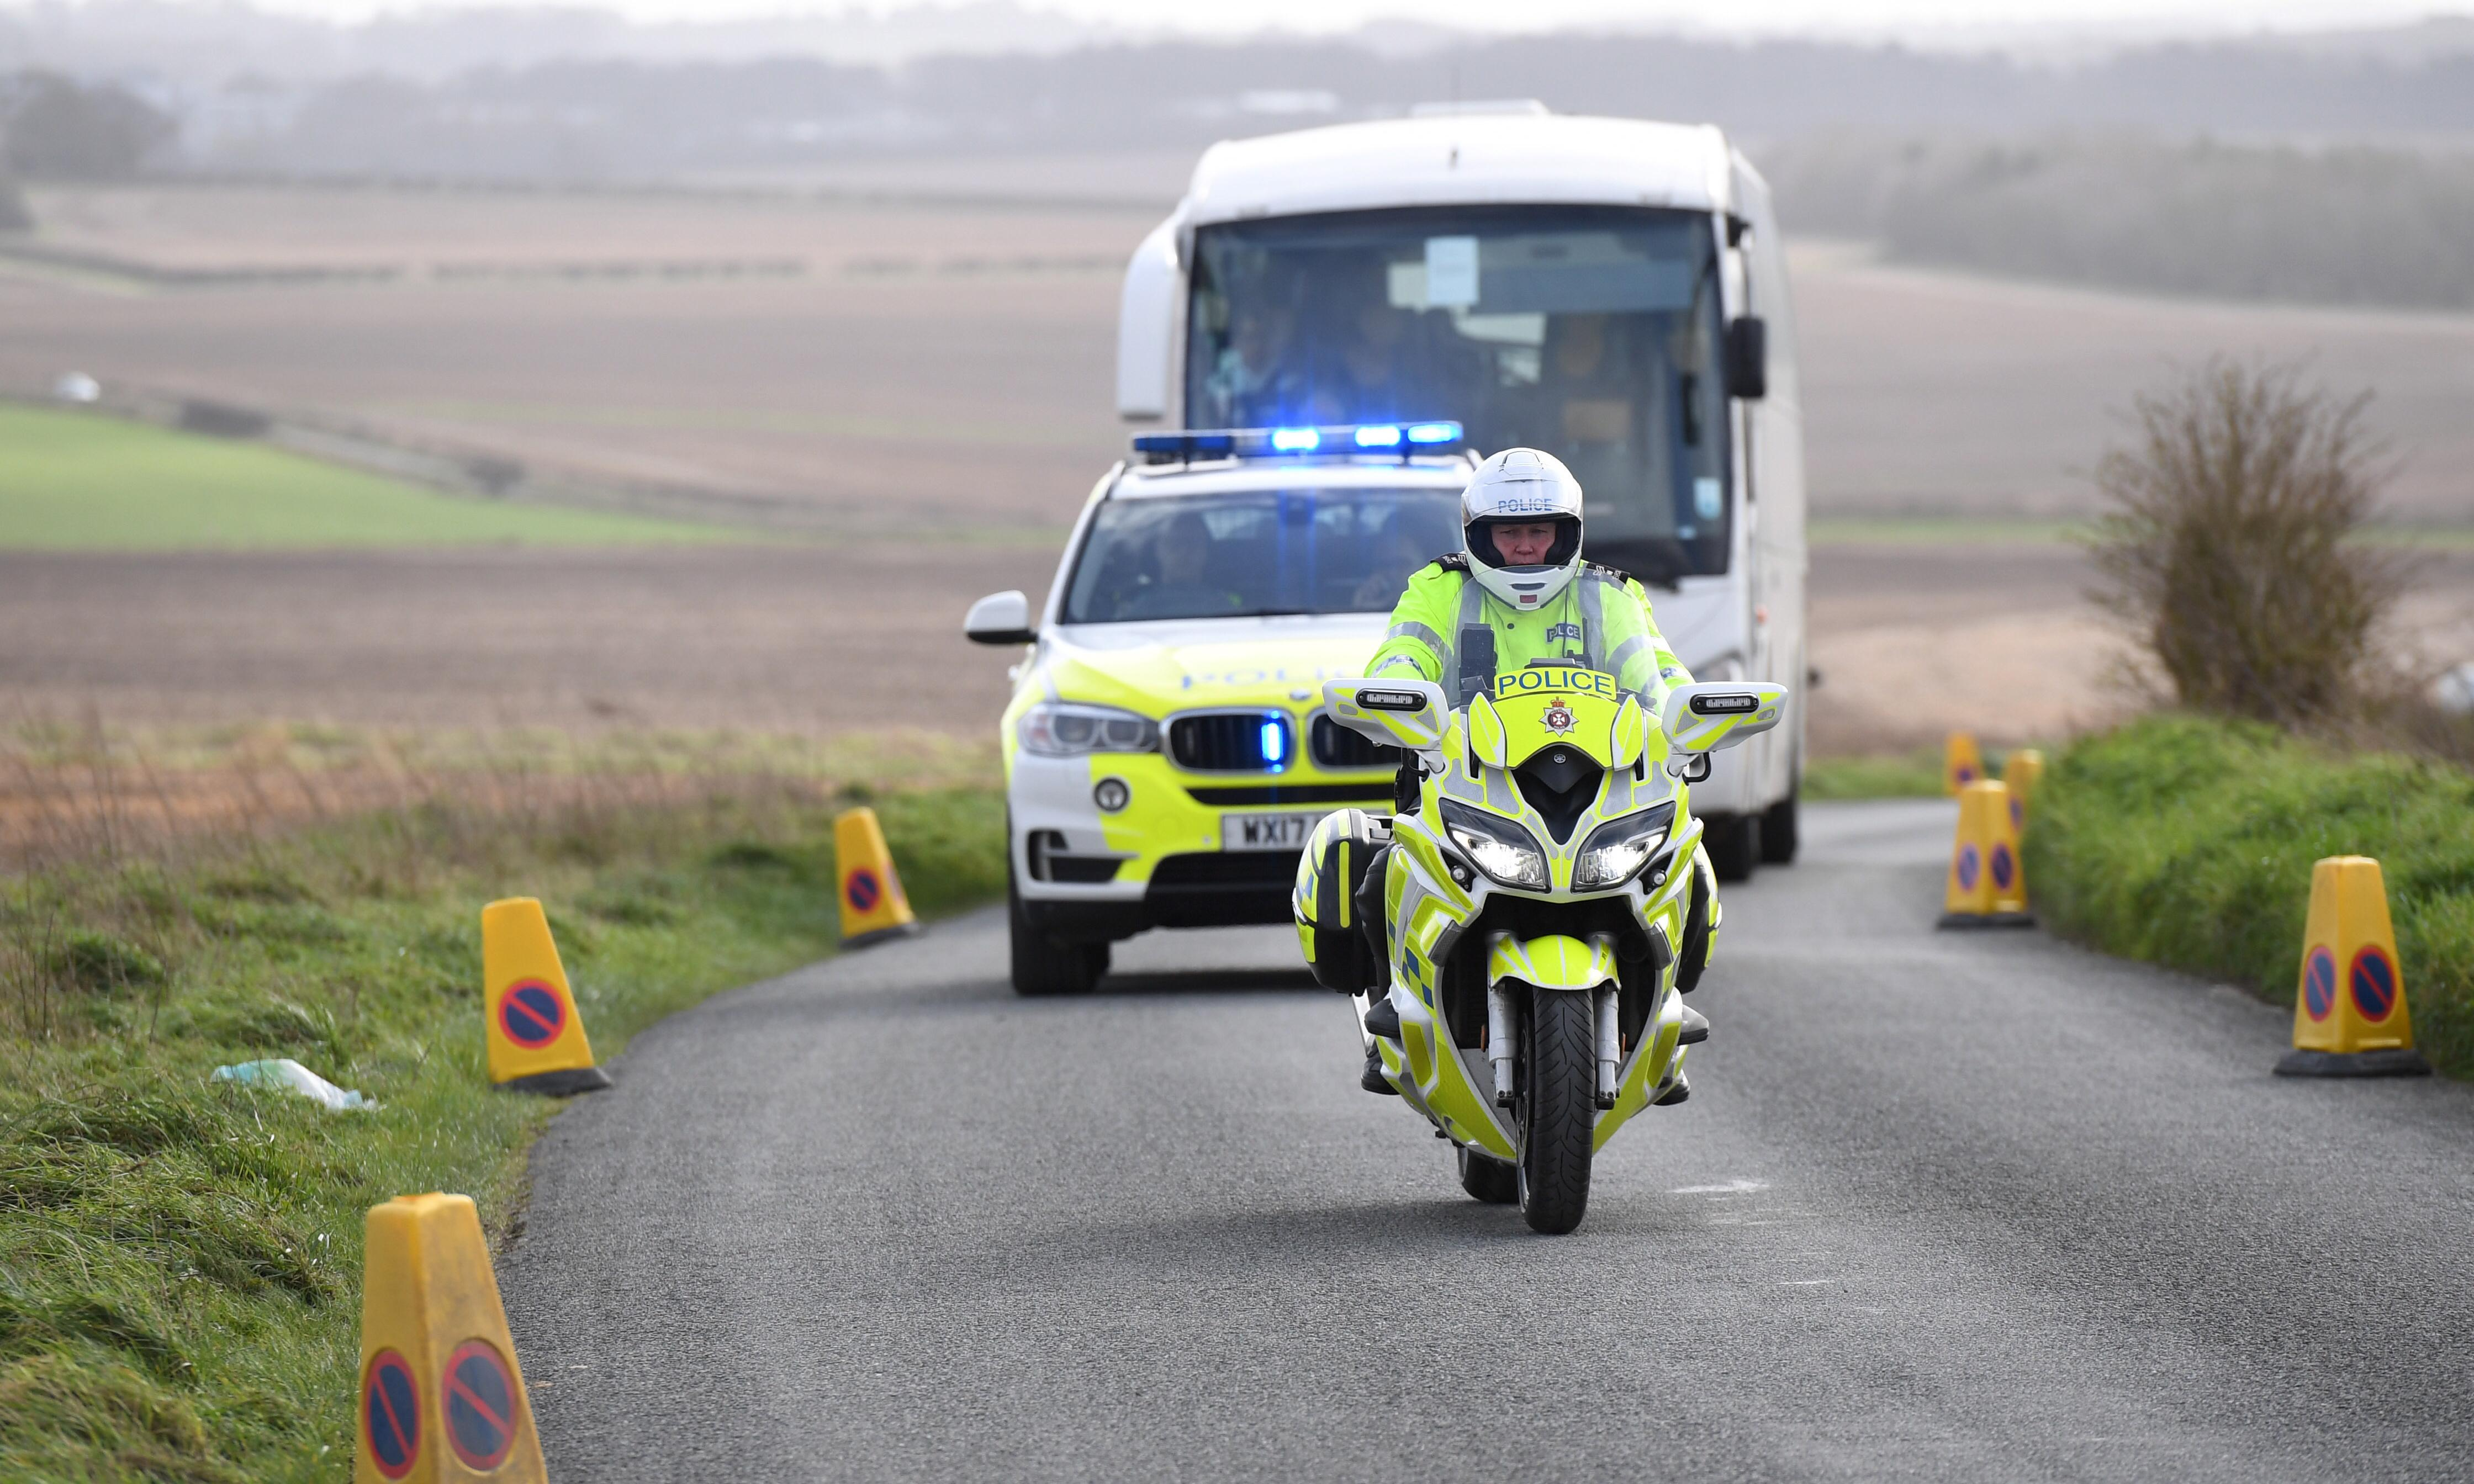 Passengers from coronavirus-hit cruise ship Diamond Princess land in UK